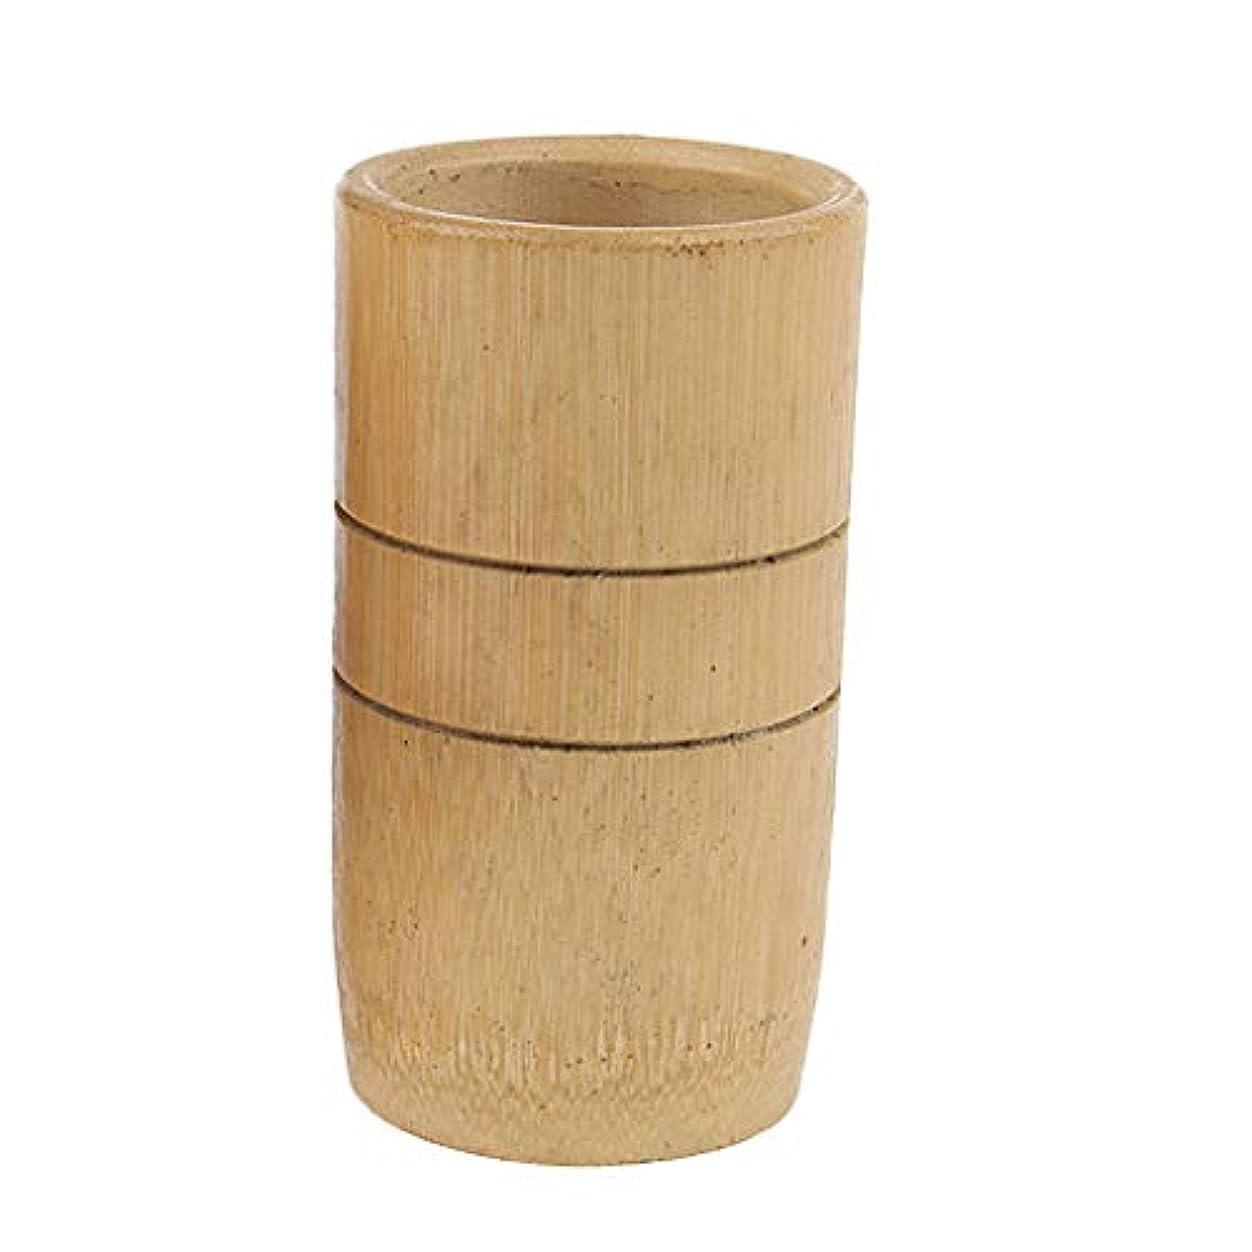 男余裕があるロマンチックマッサージ吸い玉 カッピングカップ 天然竹製 サロン 家庭用 2個入